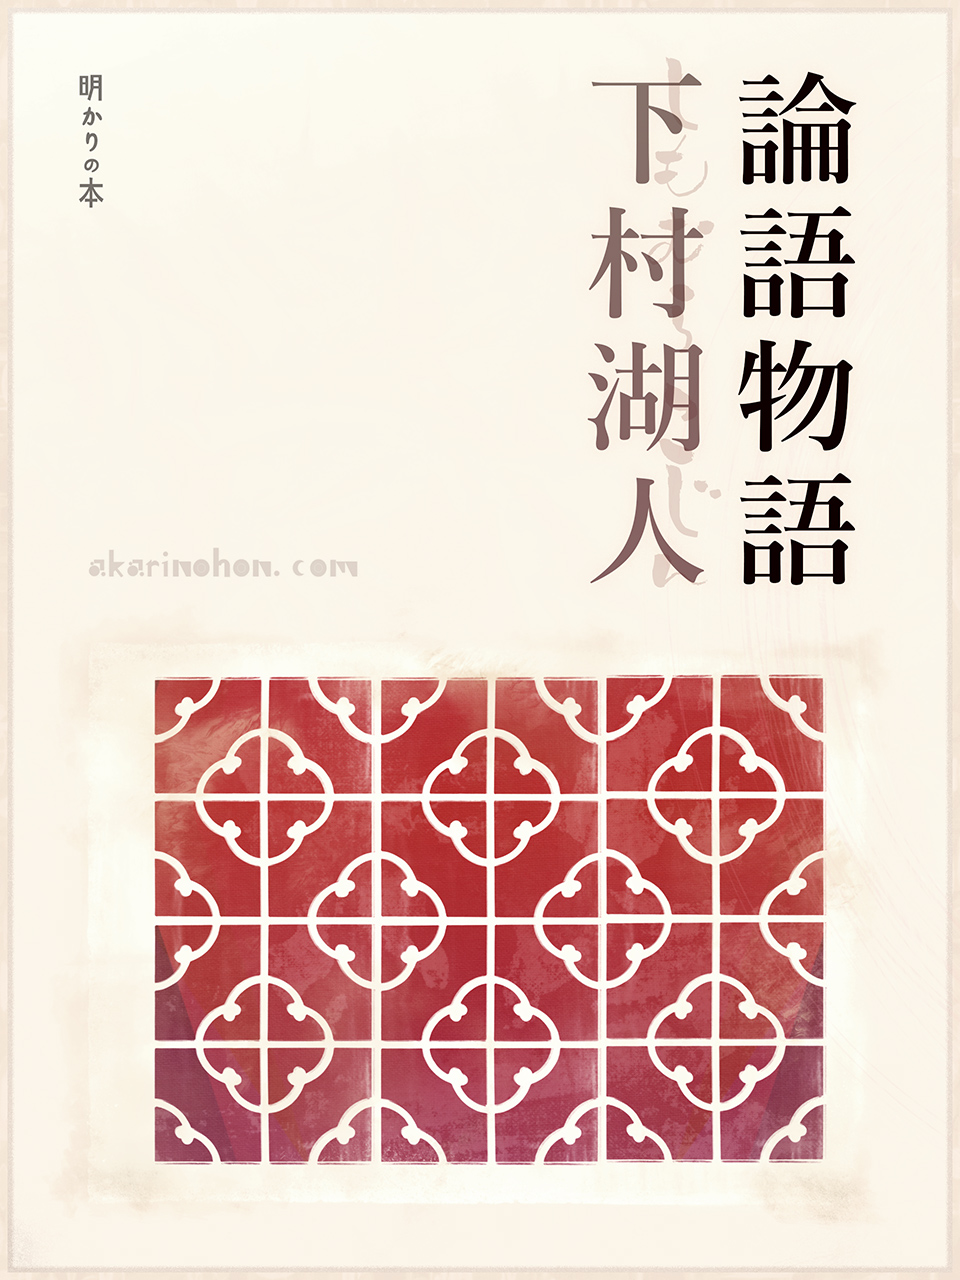 0000 - 論語物語(26) 下村湖人